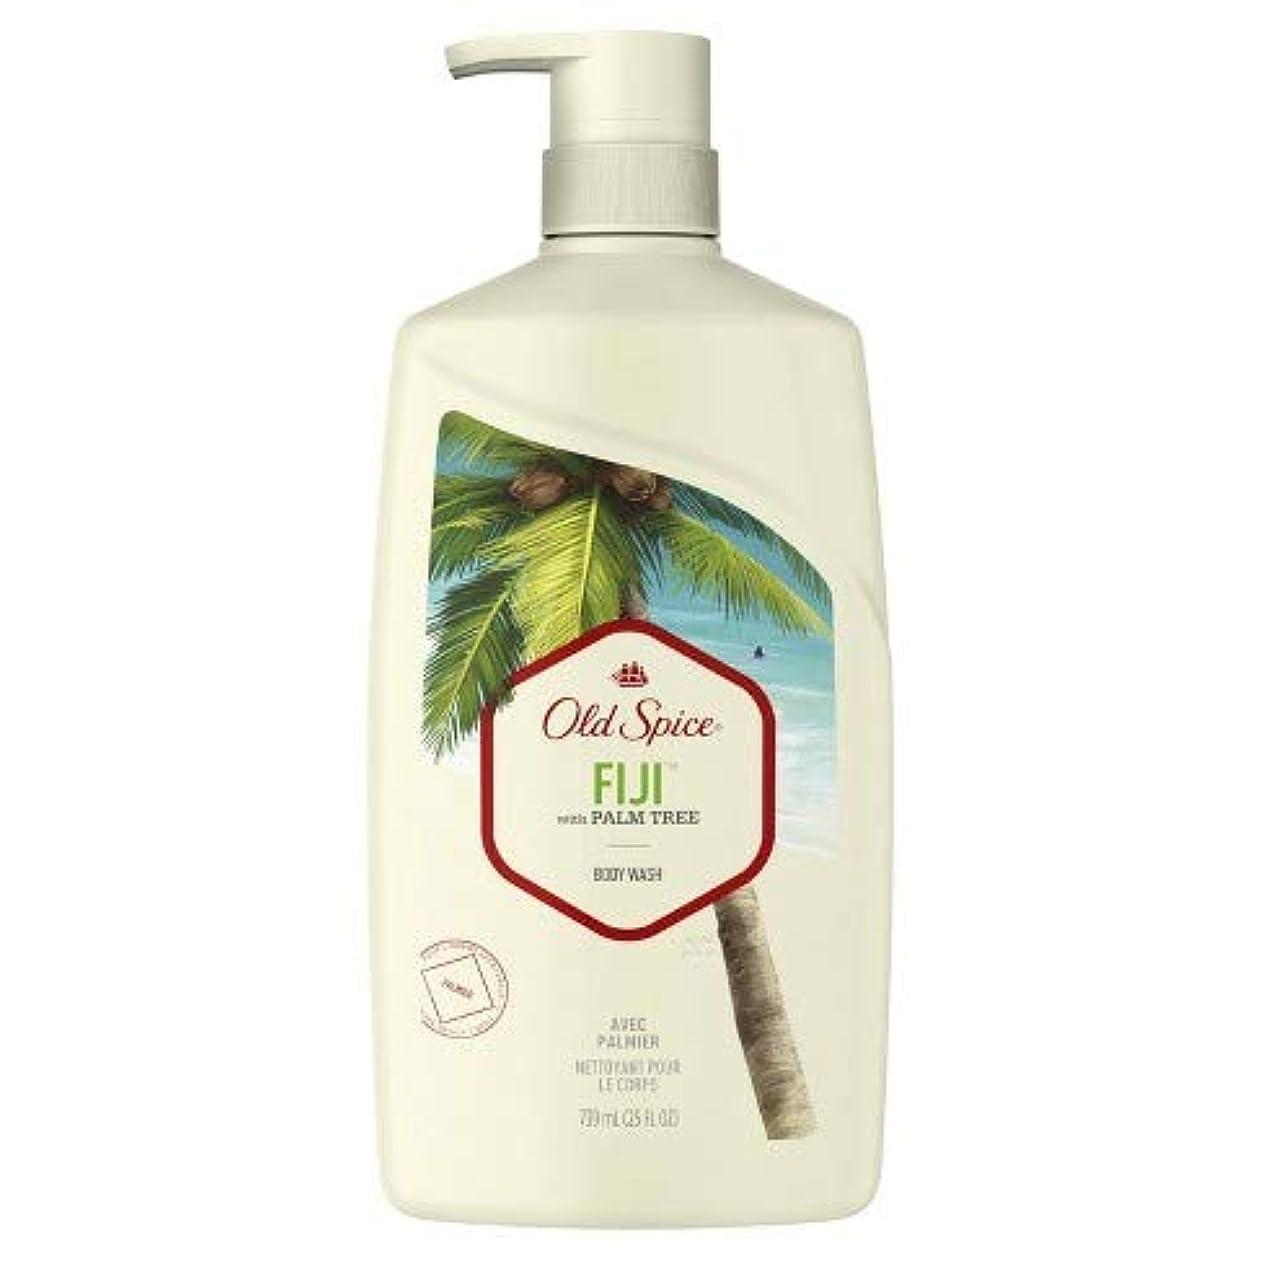 抗議メトリック思い出すオールドスパイス フィジー ボディーソープ 739ml OldSpice Fiji Bodywash 25oz